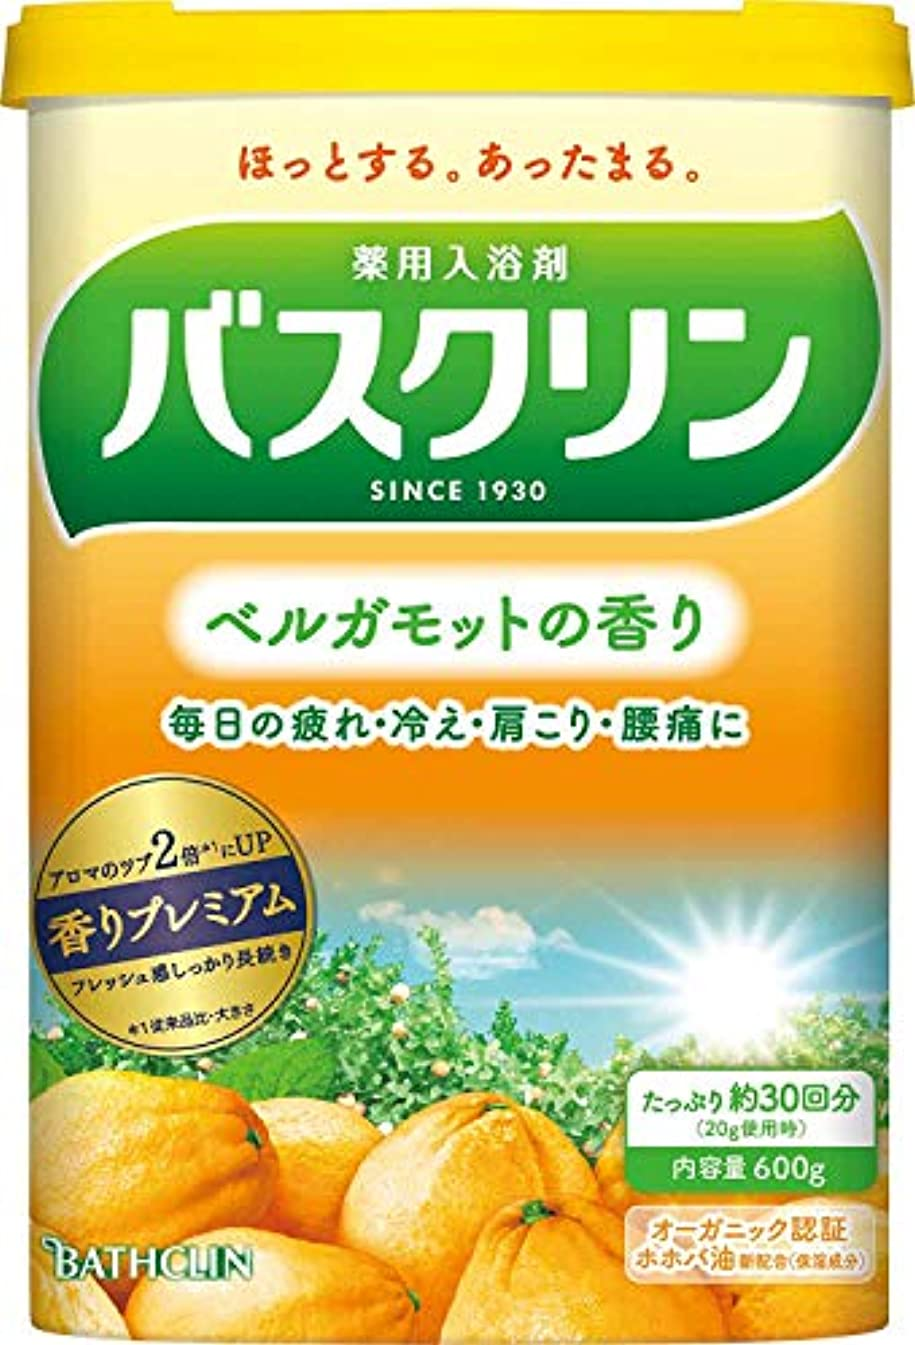 テンポ夕方広告【医薬部外品】バスクリン入浴剤 ベルガモットの香り600g(約30回分) 疲労回復